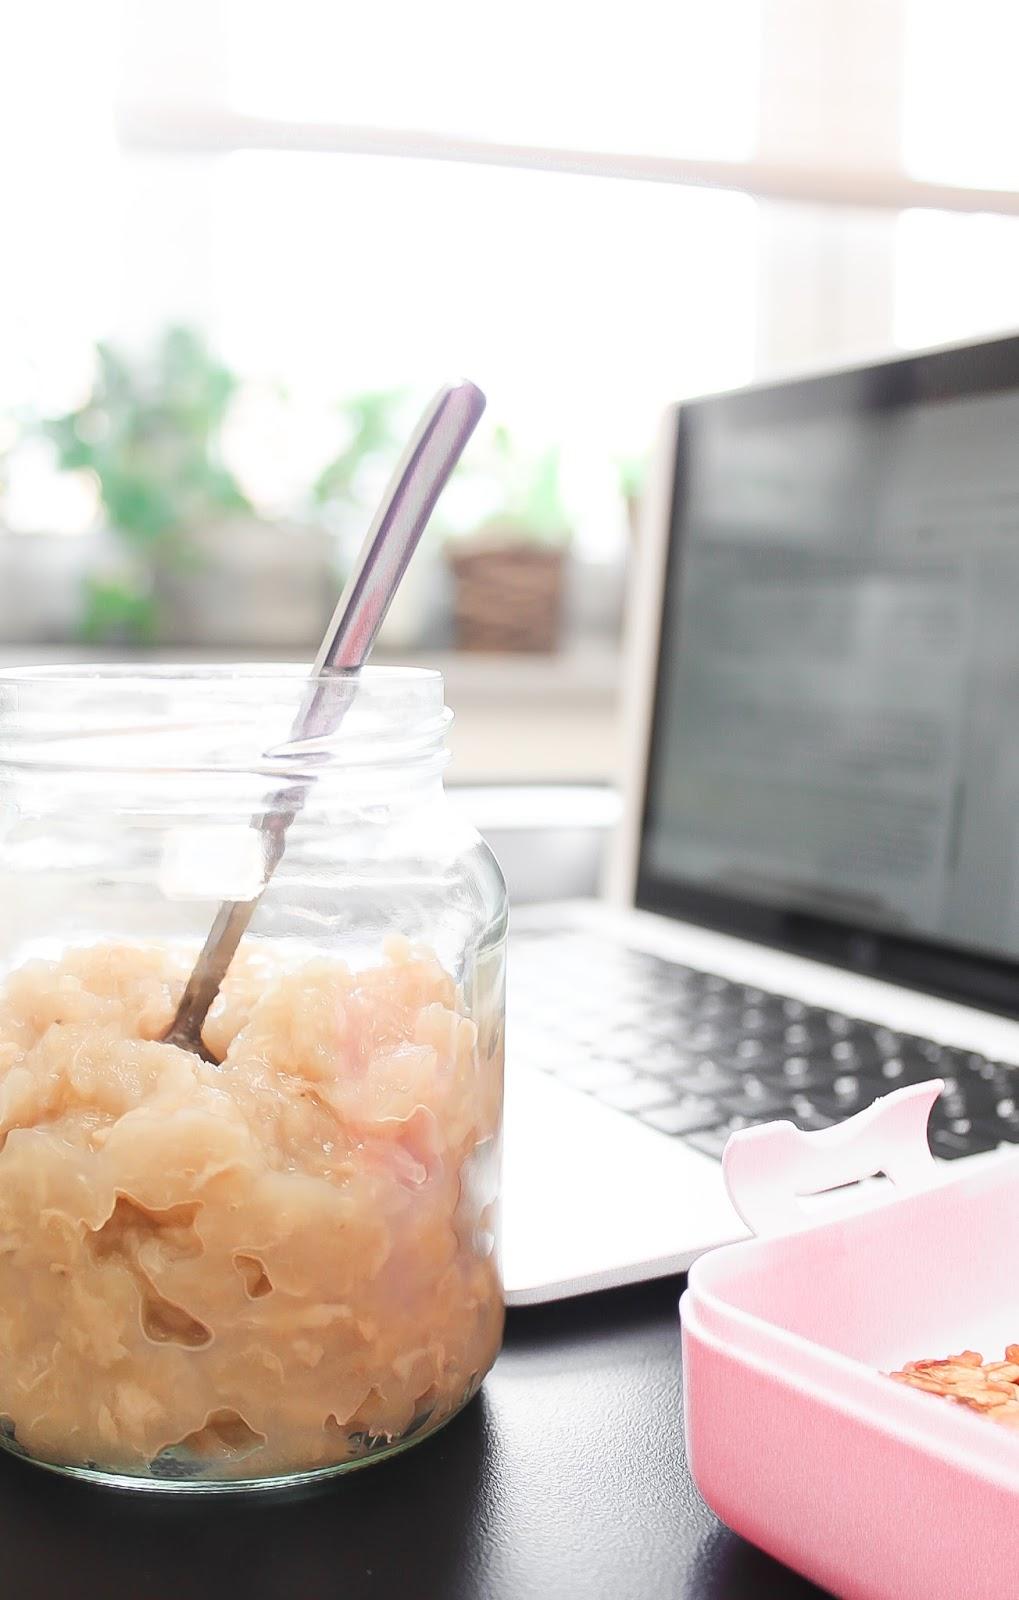 astuces goûter dechet au travail à l'école dejeuner repas